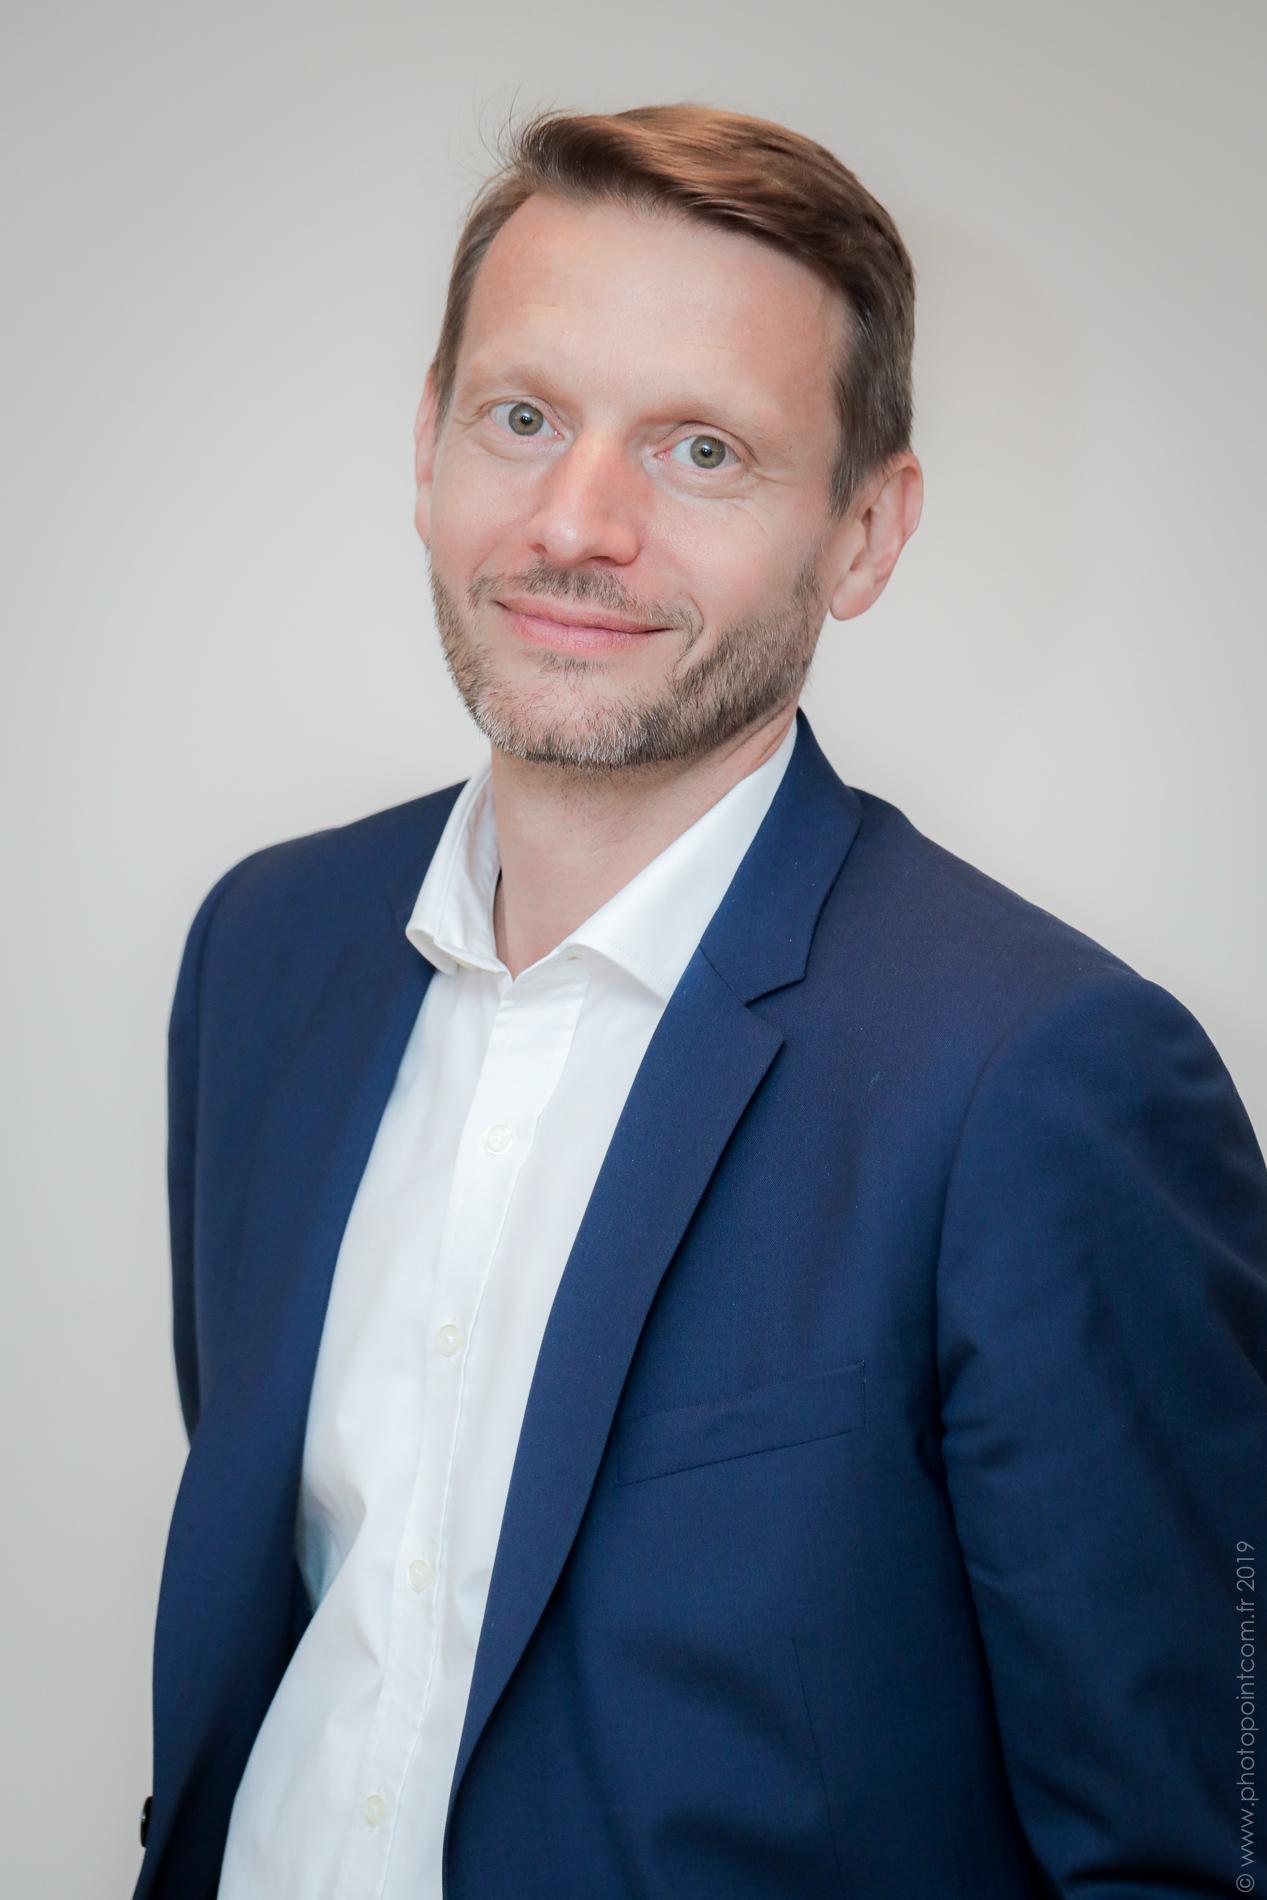 Sebastien Stoitzner